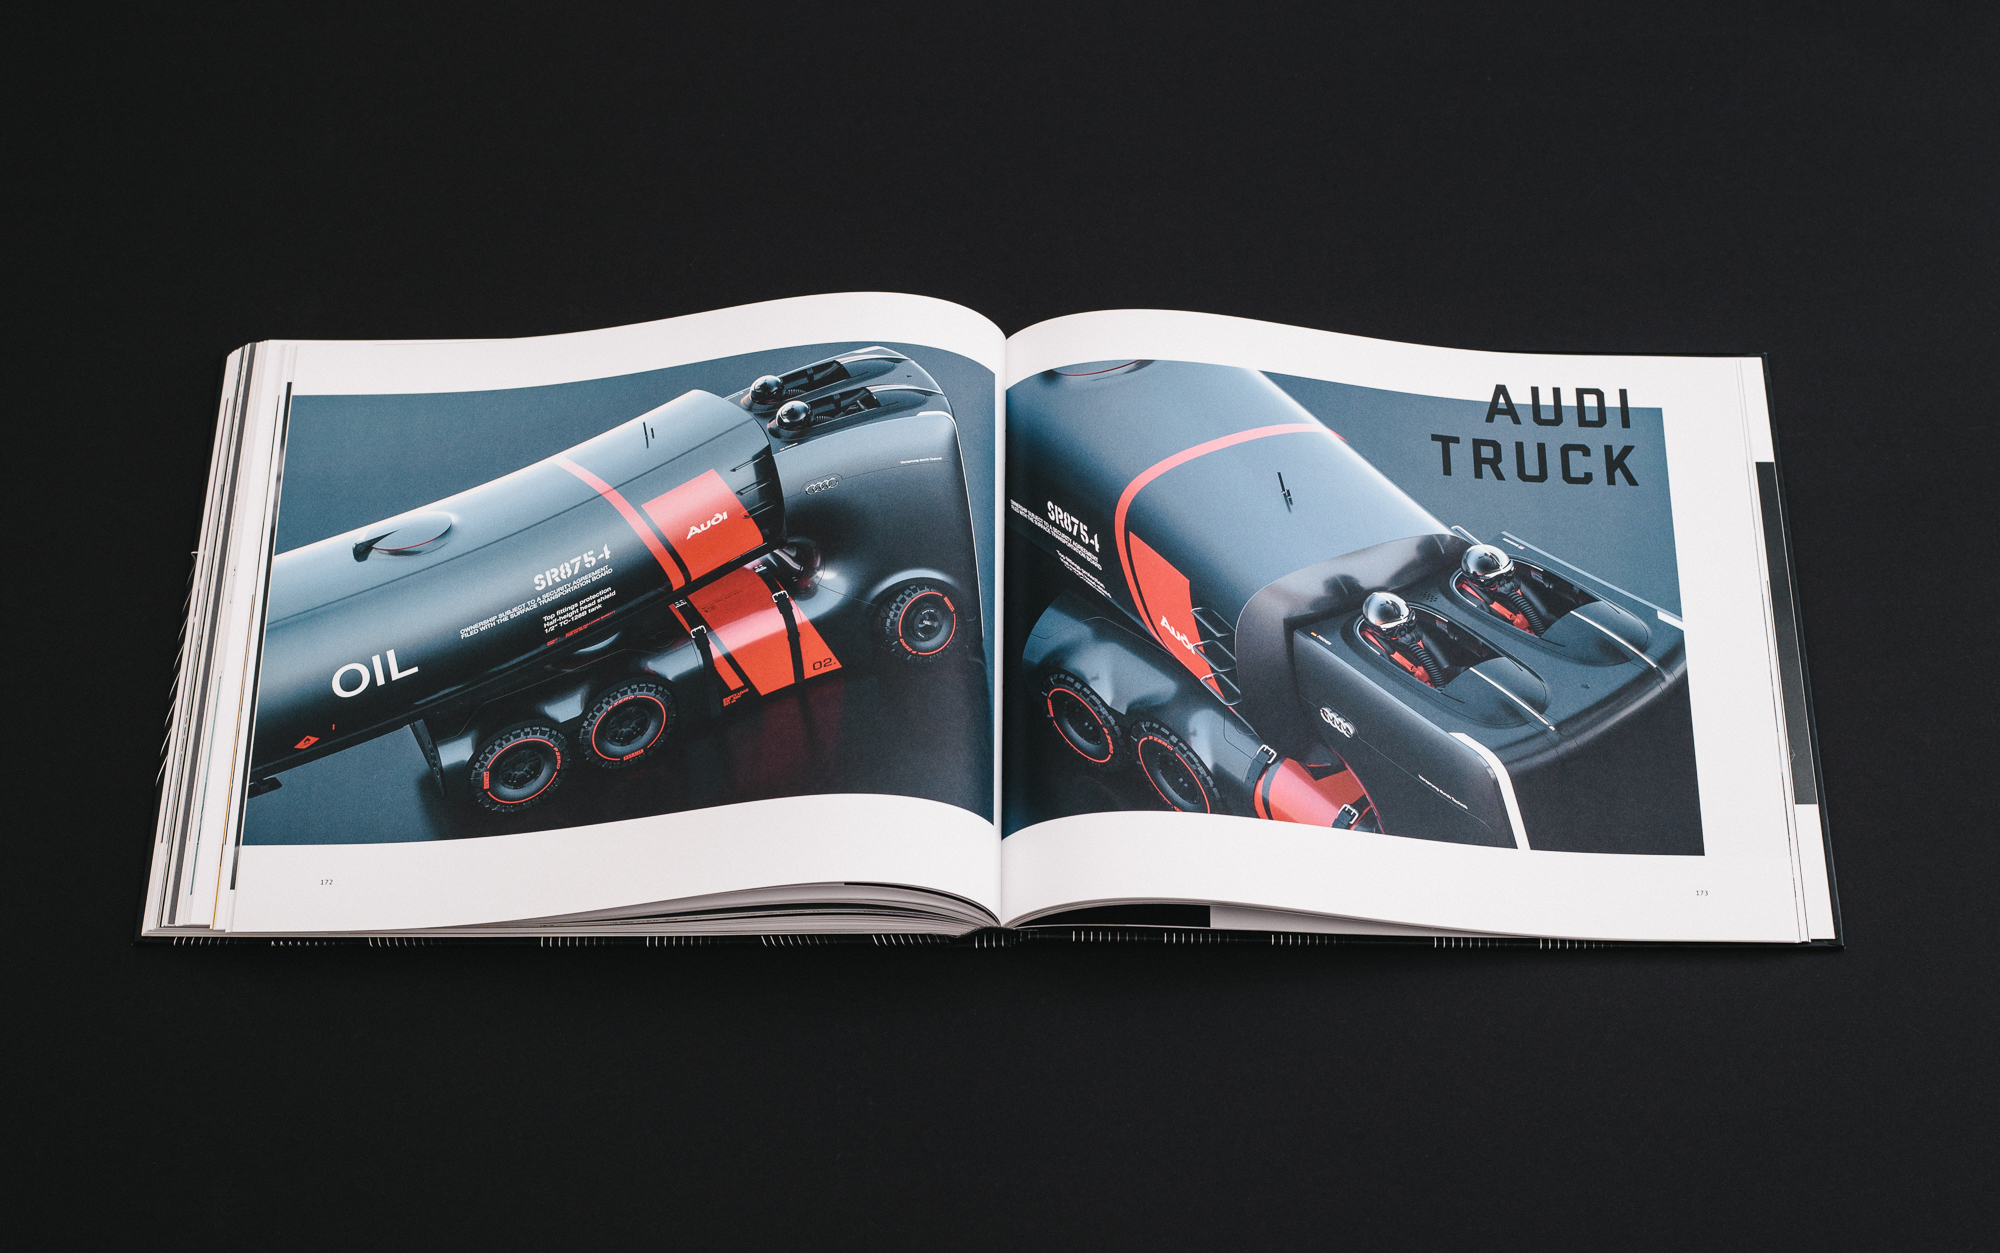 Futuristisch: Der Audi Truck von Artem Smirnov und Vladimir Panchenko fährt autonom und mit elektrischem Antrieb.